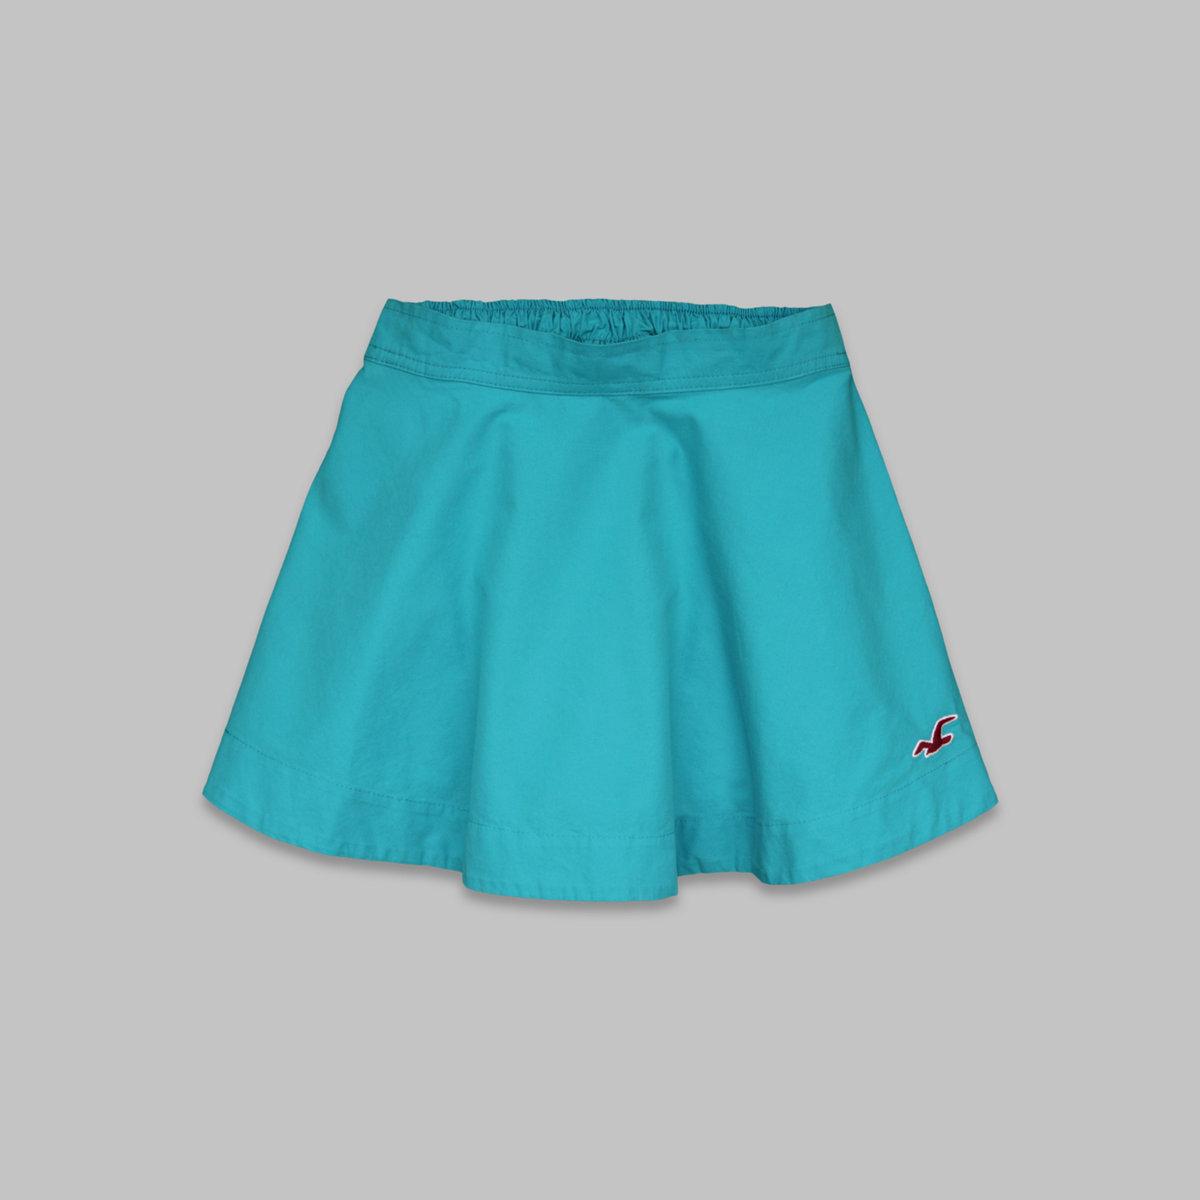 Leucadia Skirt